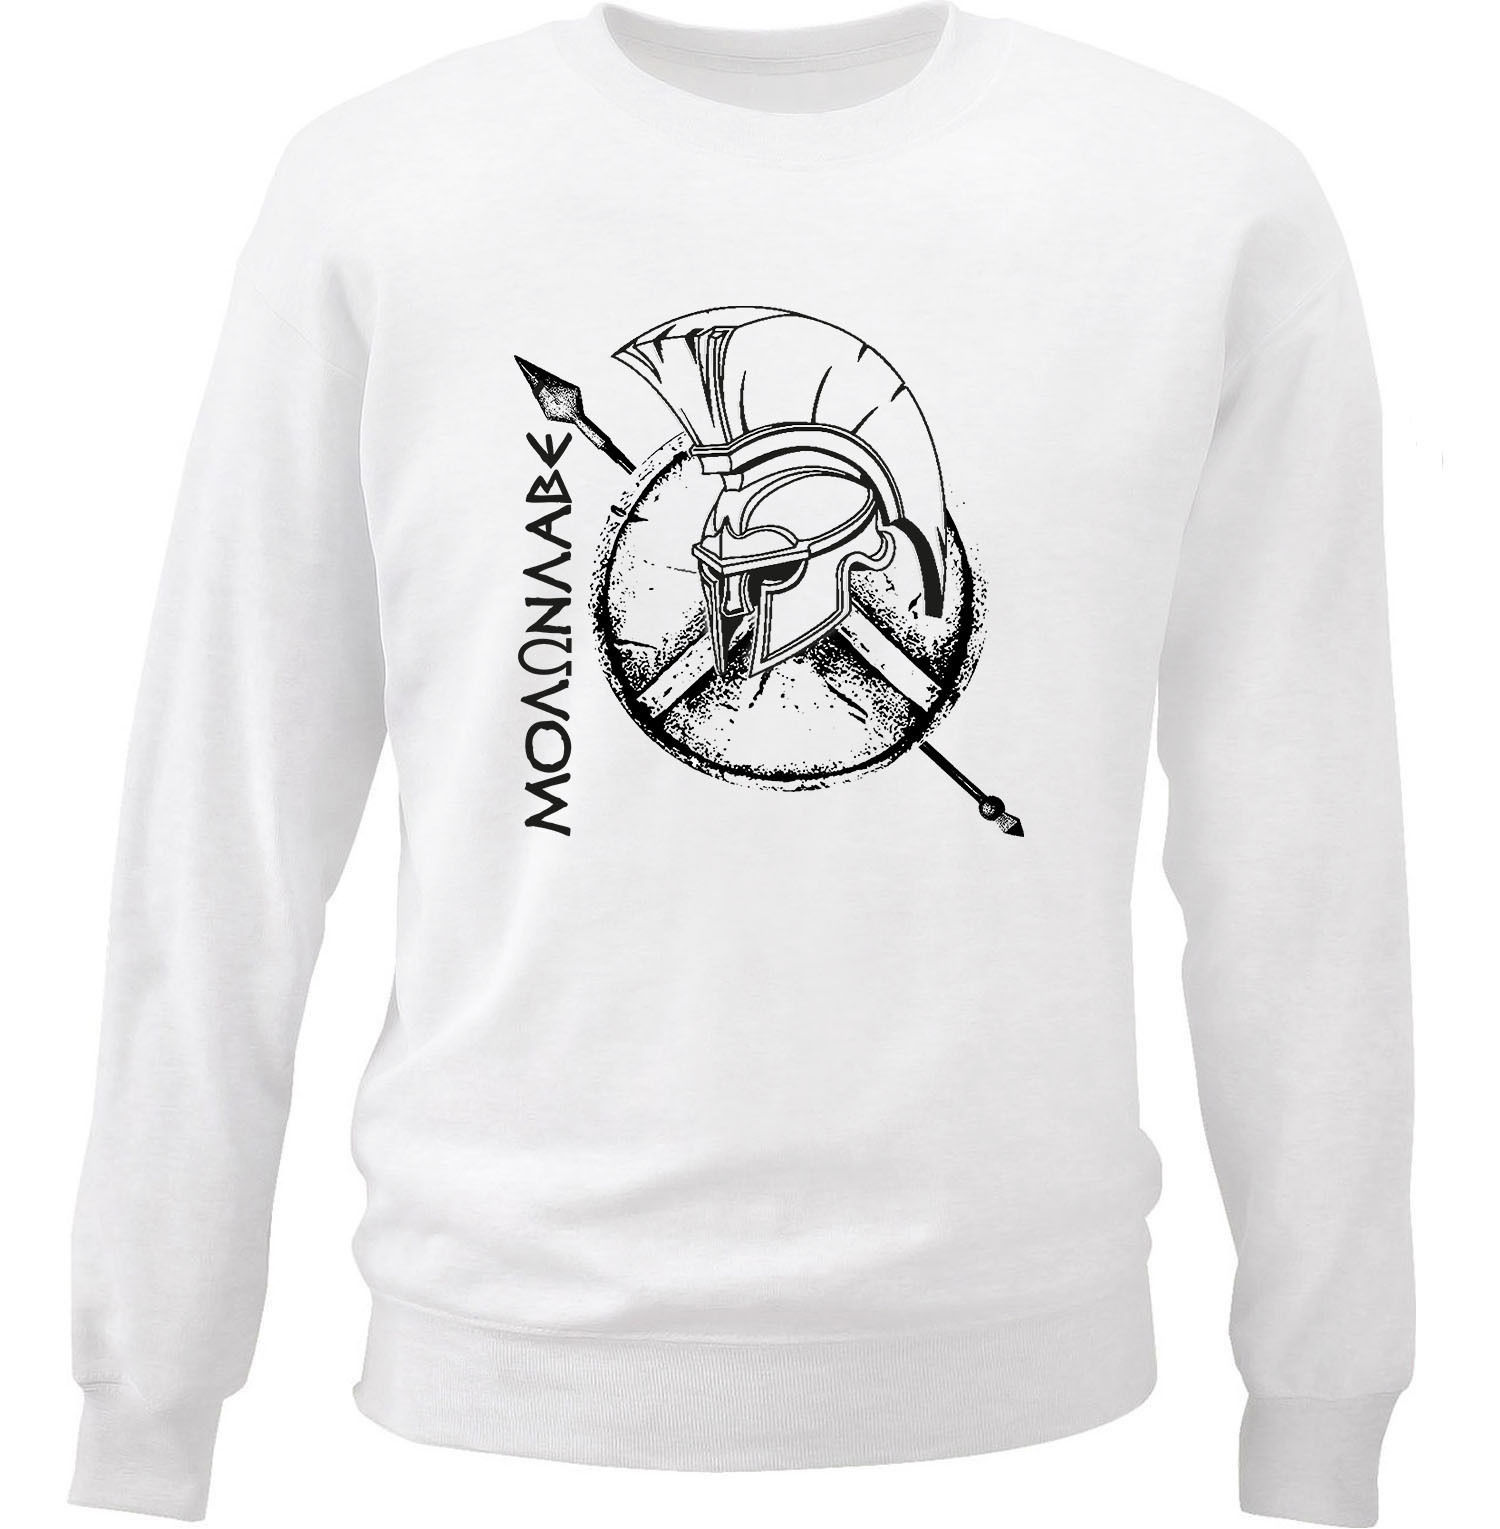 Spartan Warrior Quote Sweatshirt AL28AG0